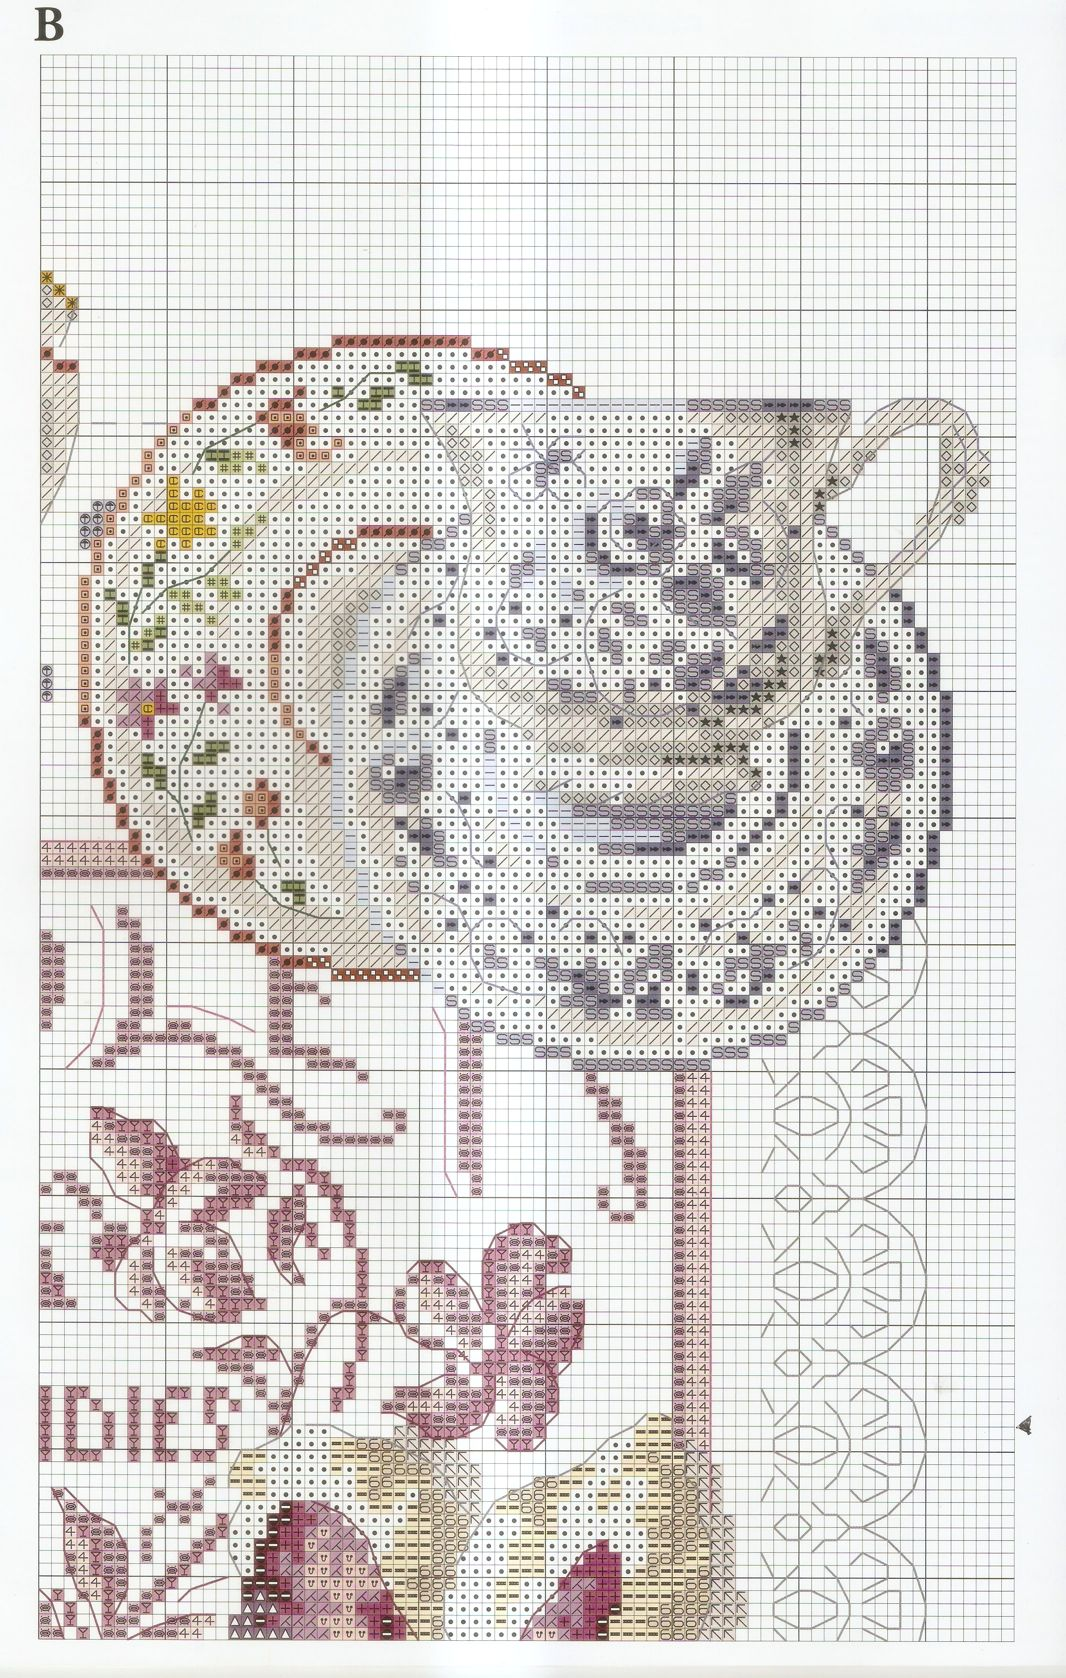 Dmc Bk769 Creation Point De Croix 55 Veronique Enginger Crockery And Violets Violet Candi Cross Stitch Kitchen Cross Stitch Love Cross Stitch Patterns